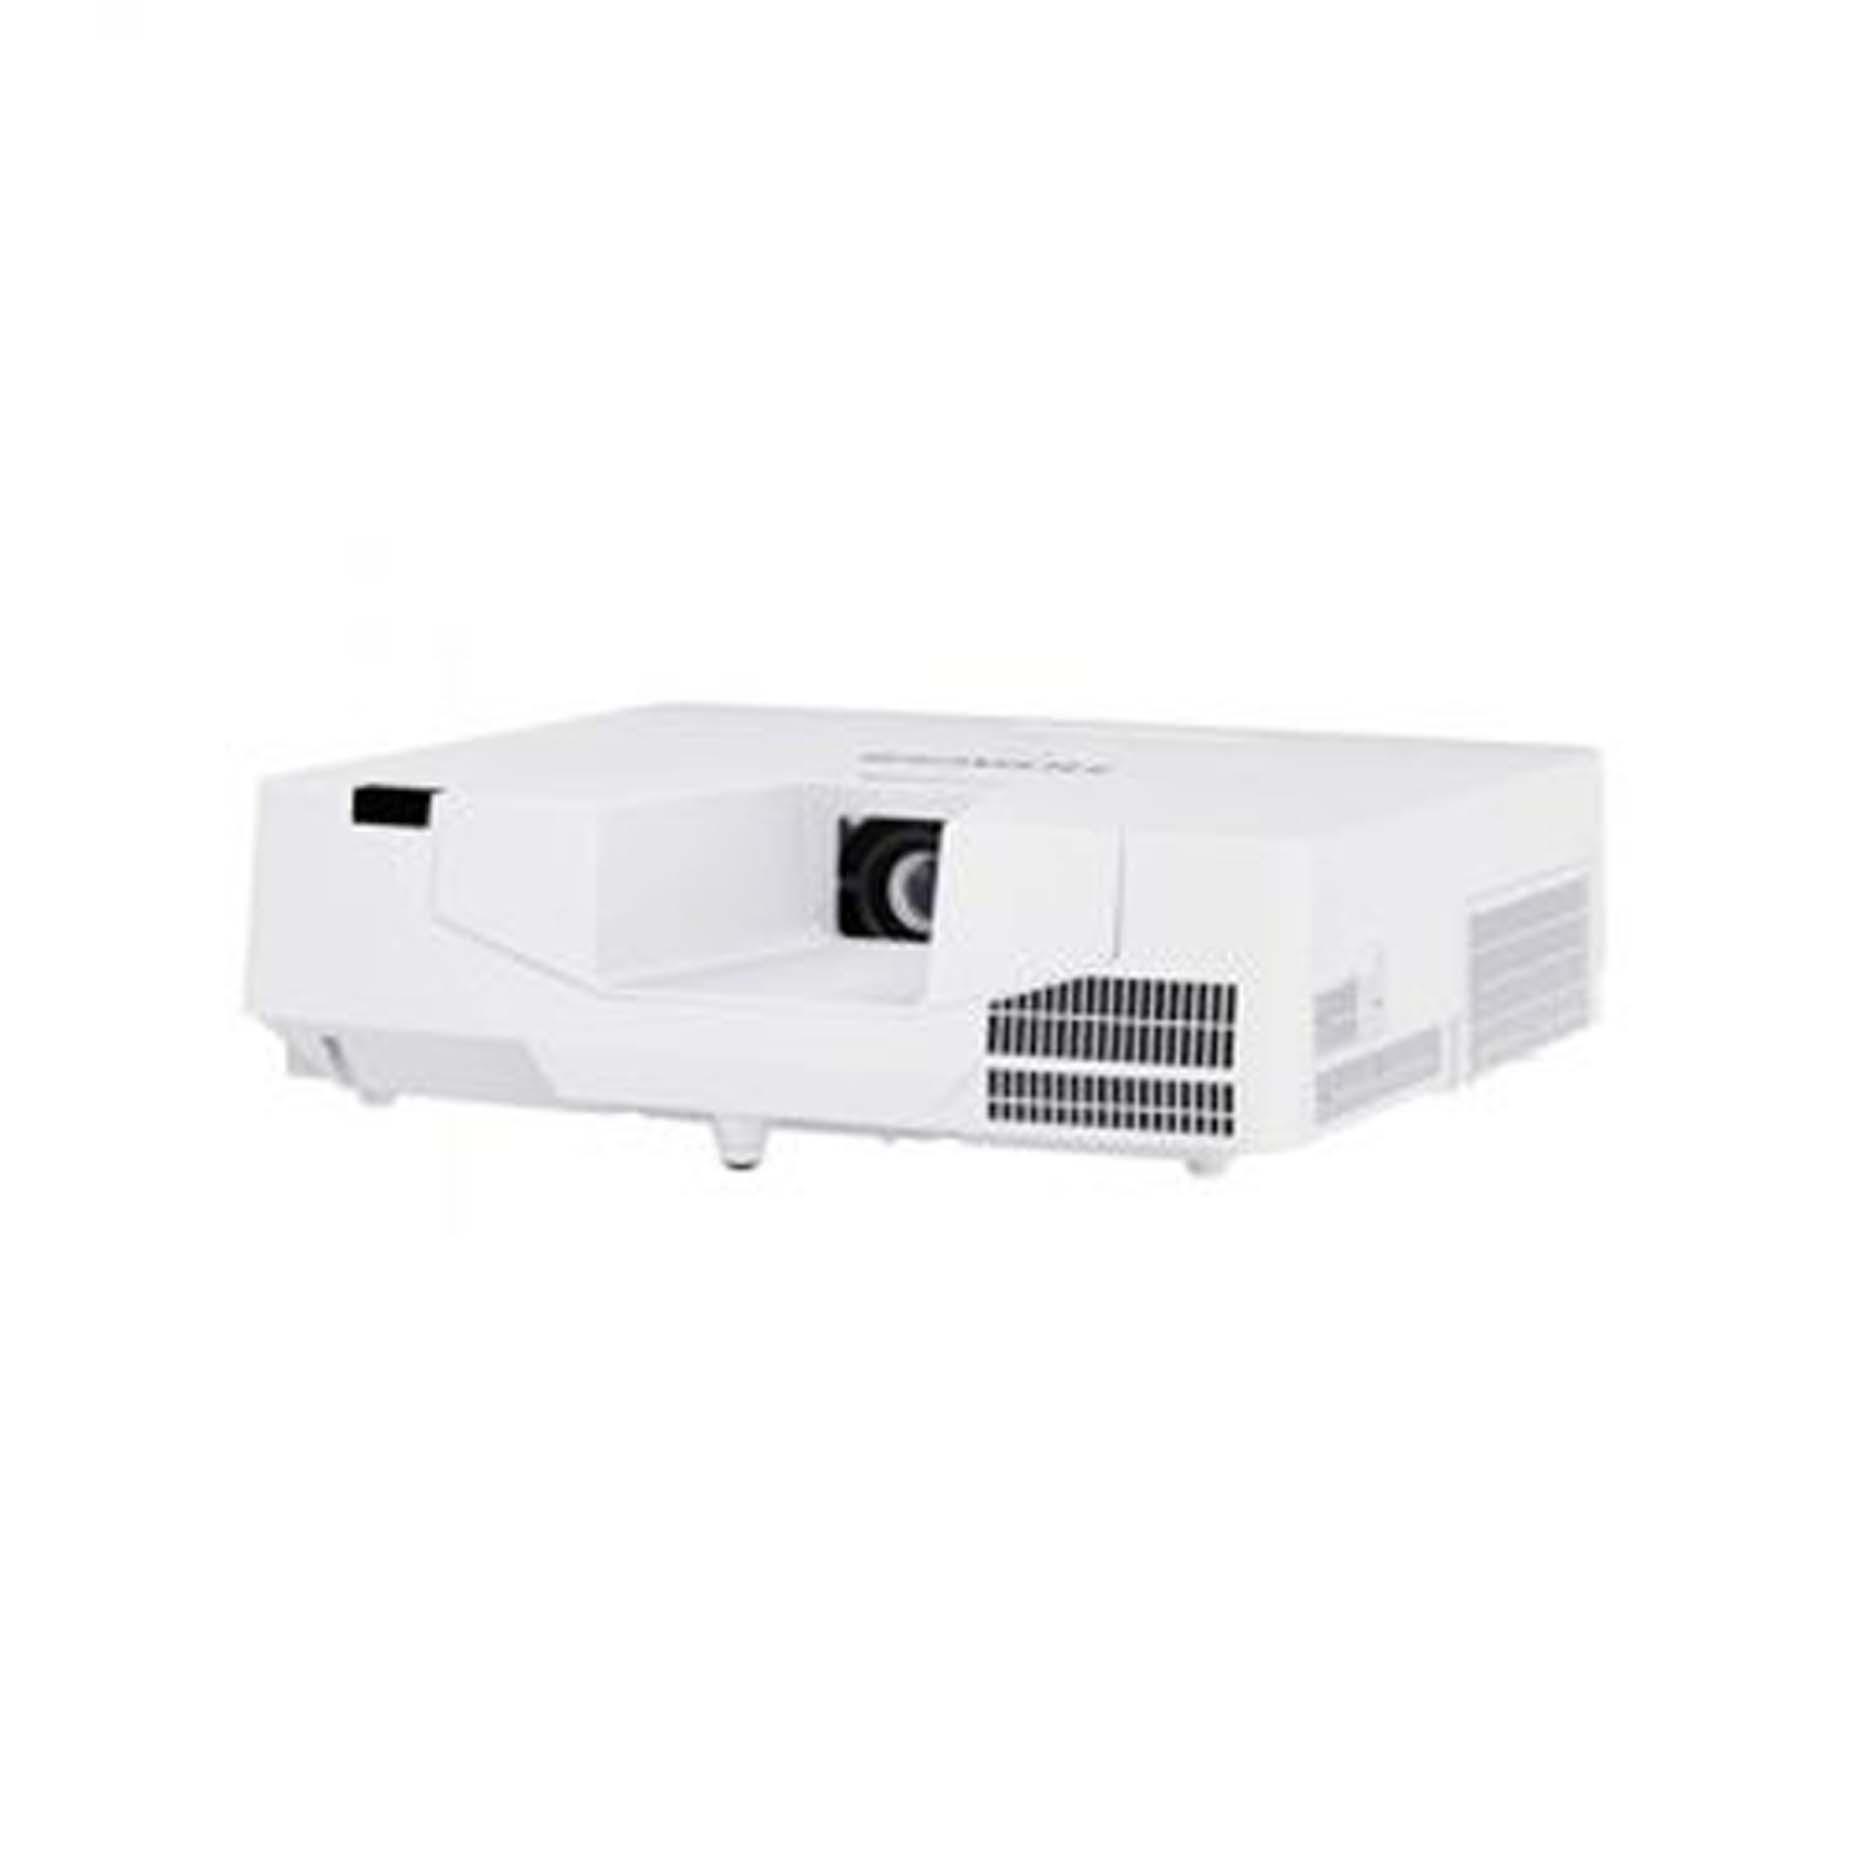 Harga Hitachi LP-EX5002 Laser Projector XGA 5300 Ansi Lumens